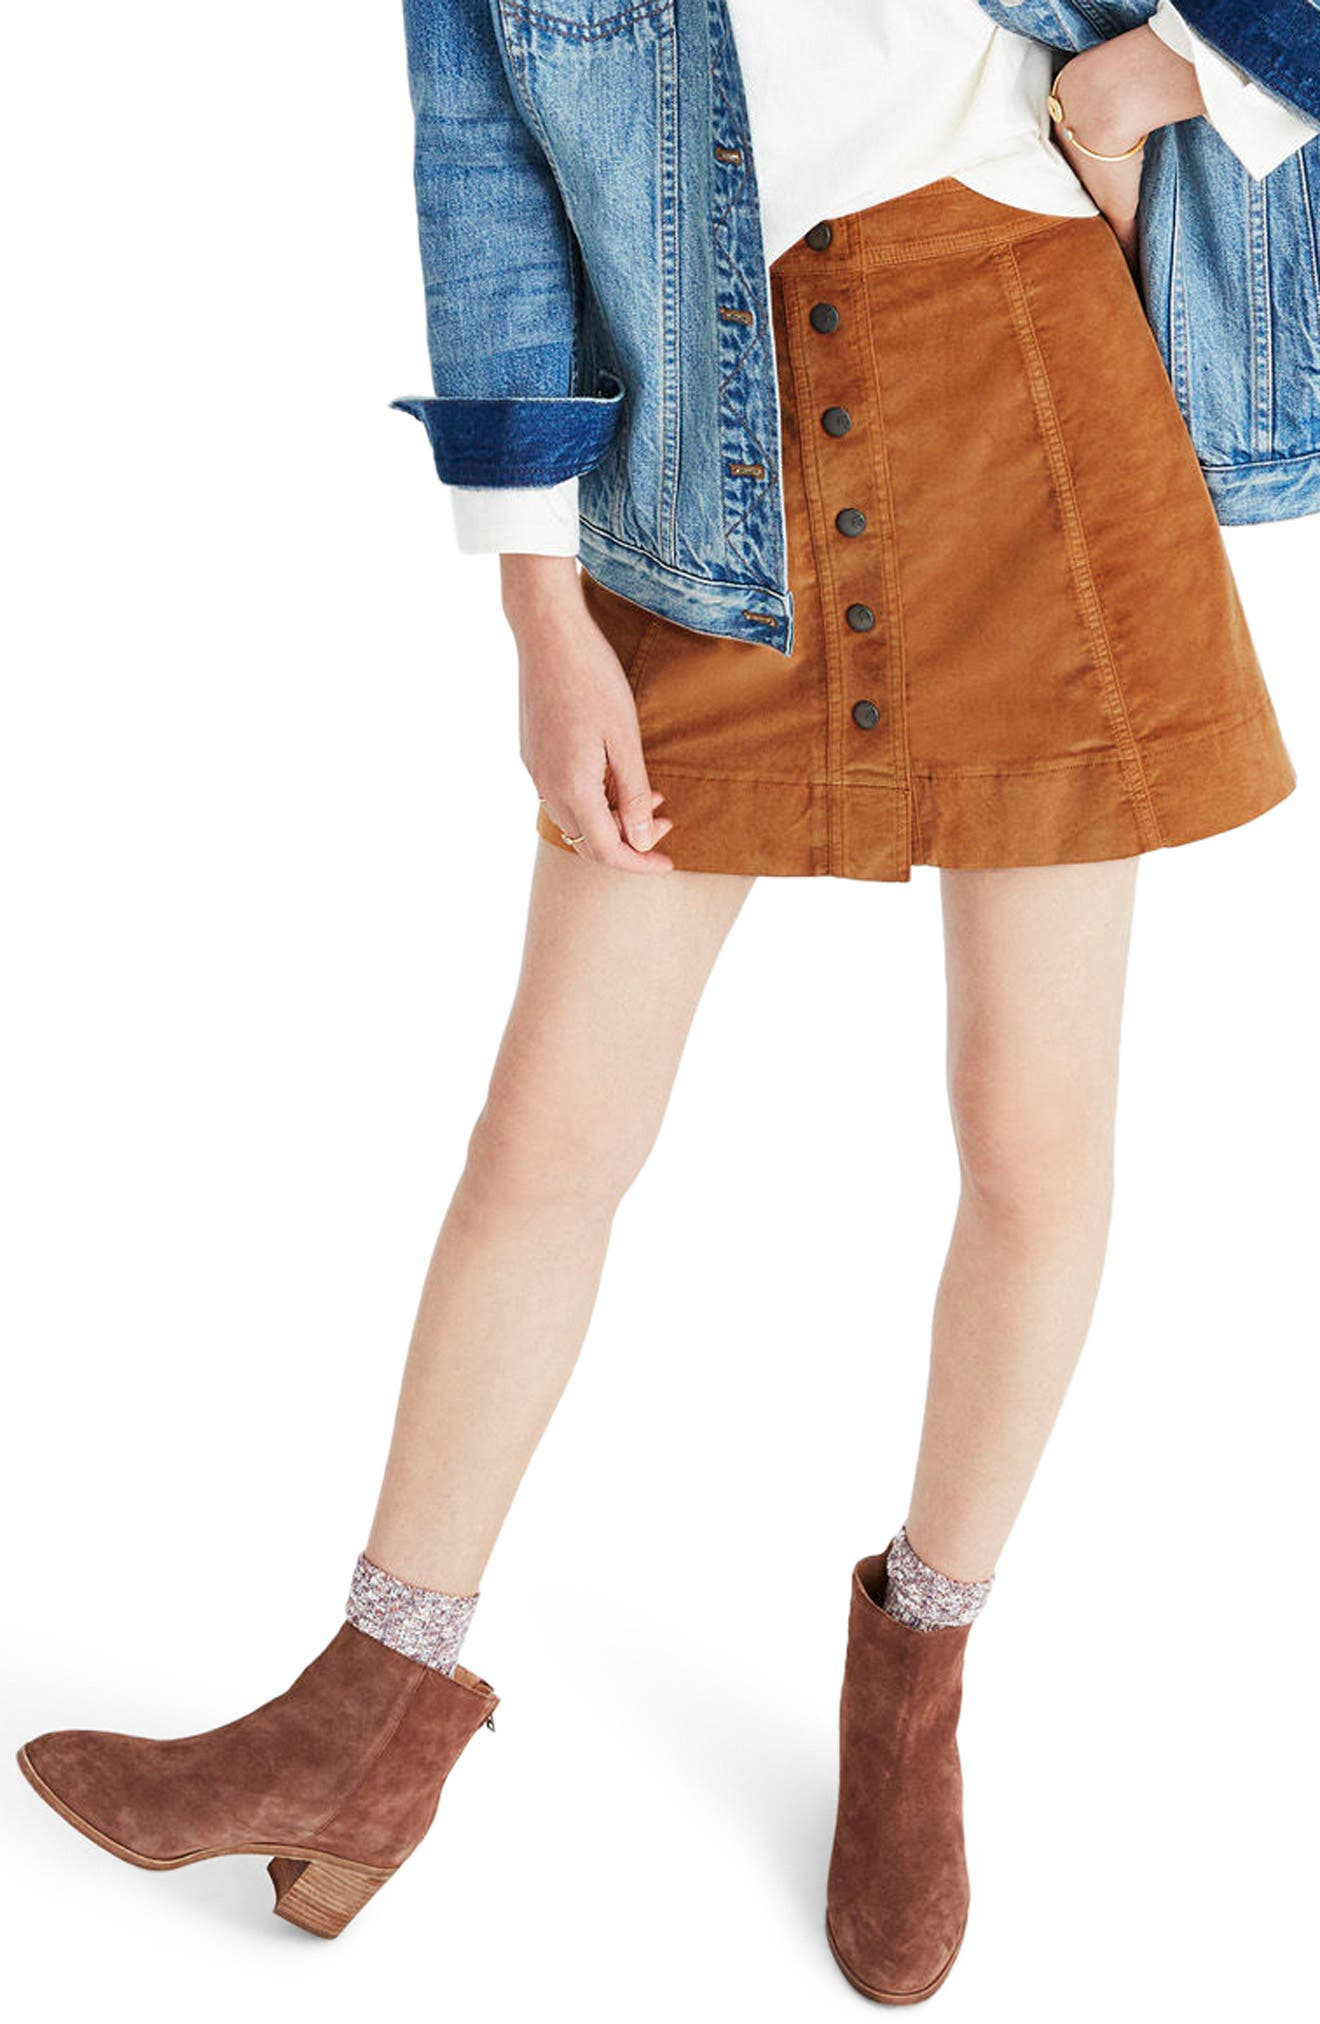 Madewell Velveteen Metropolis Snap Miniskirt